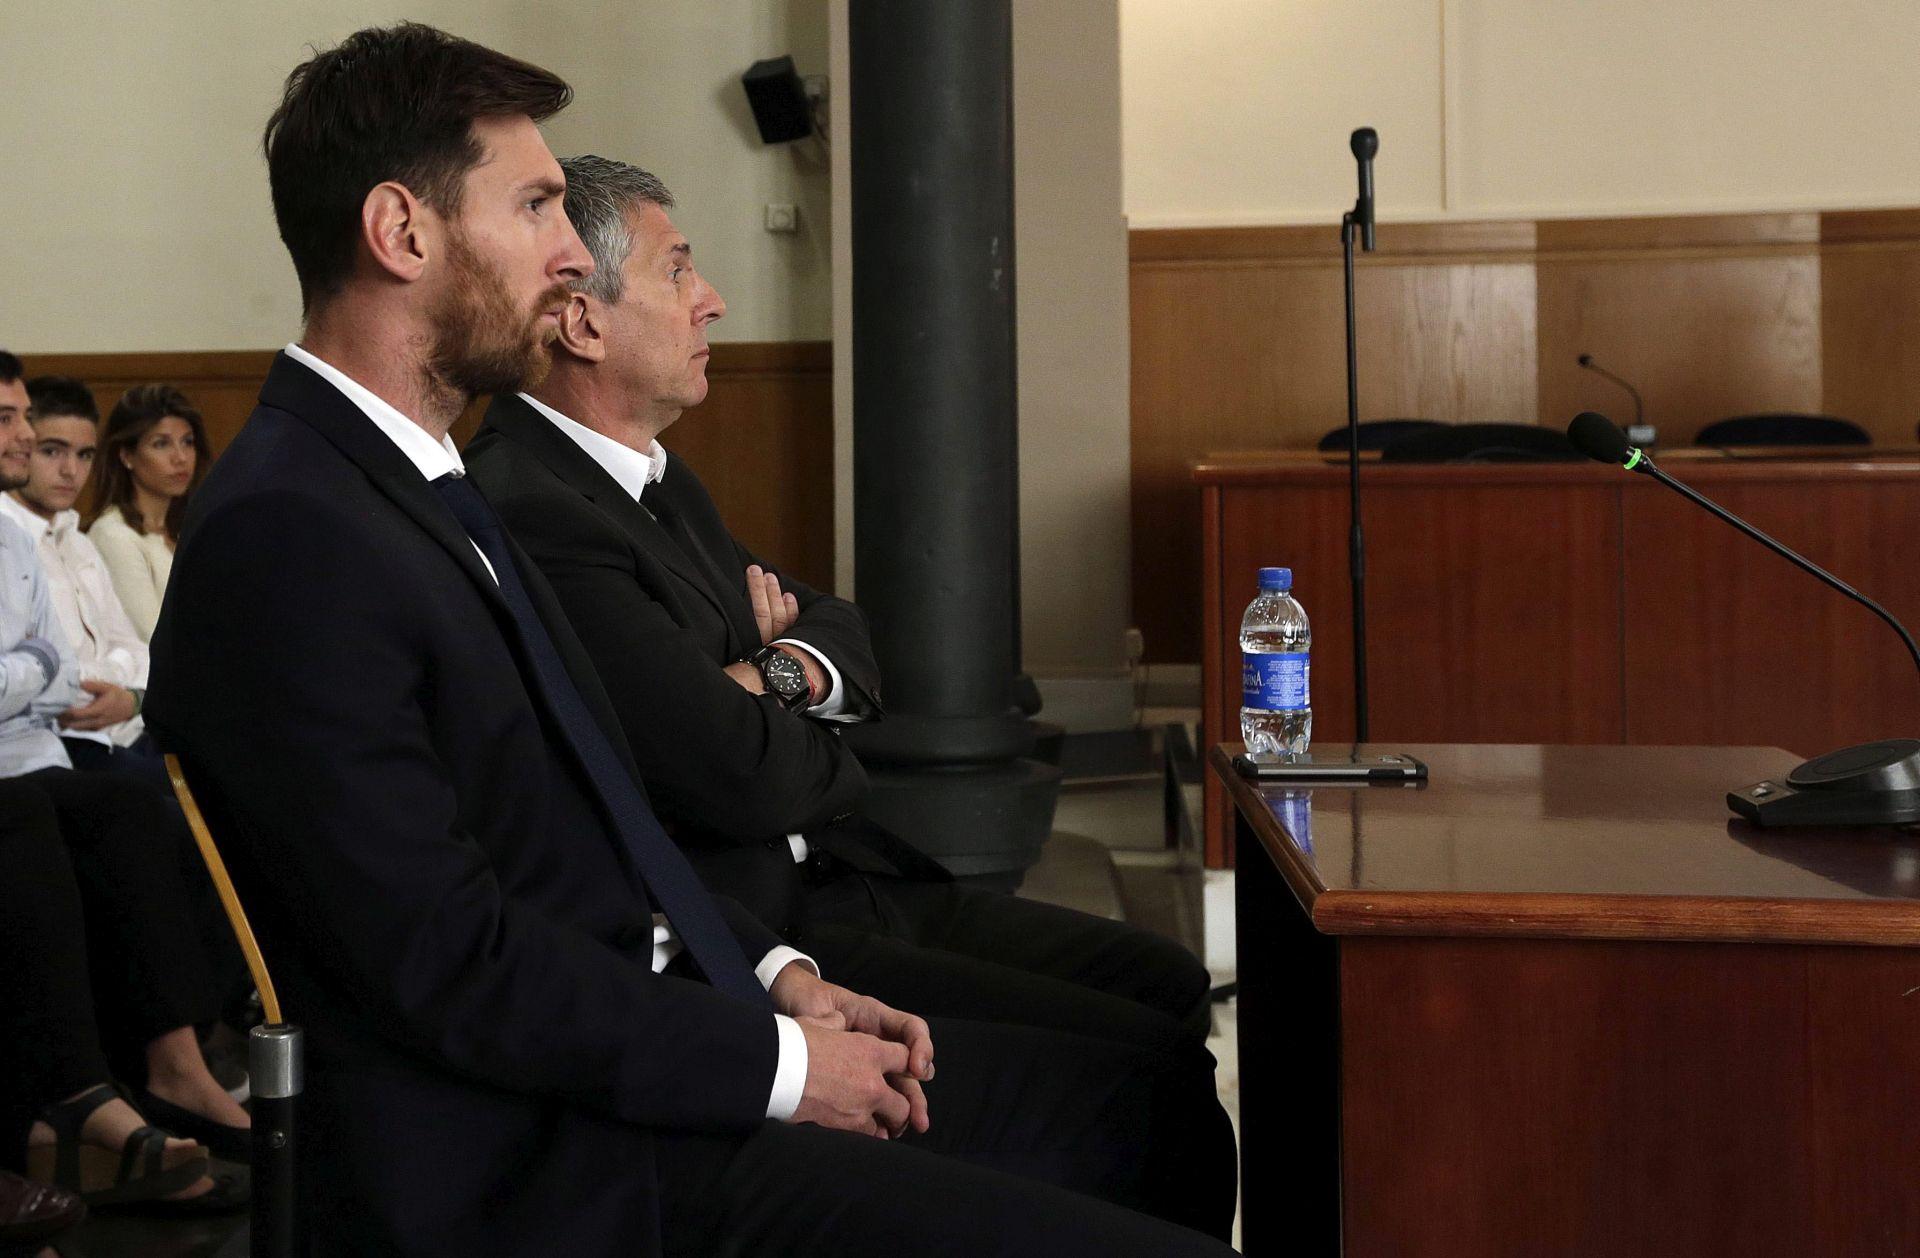 TEŠKI DANI ZA MESSIJA Argentinac spreman na odlazak iz Barcelone, Katalonci tvrde da je sve krenulo iz Madrida